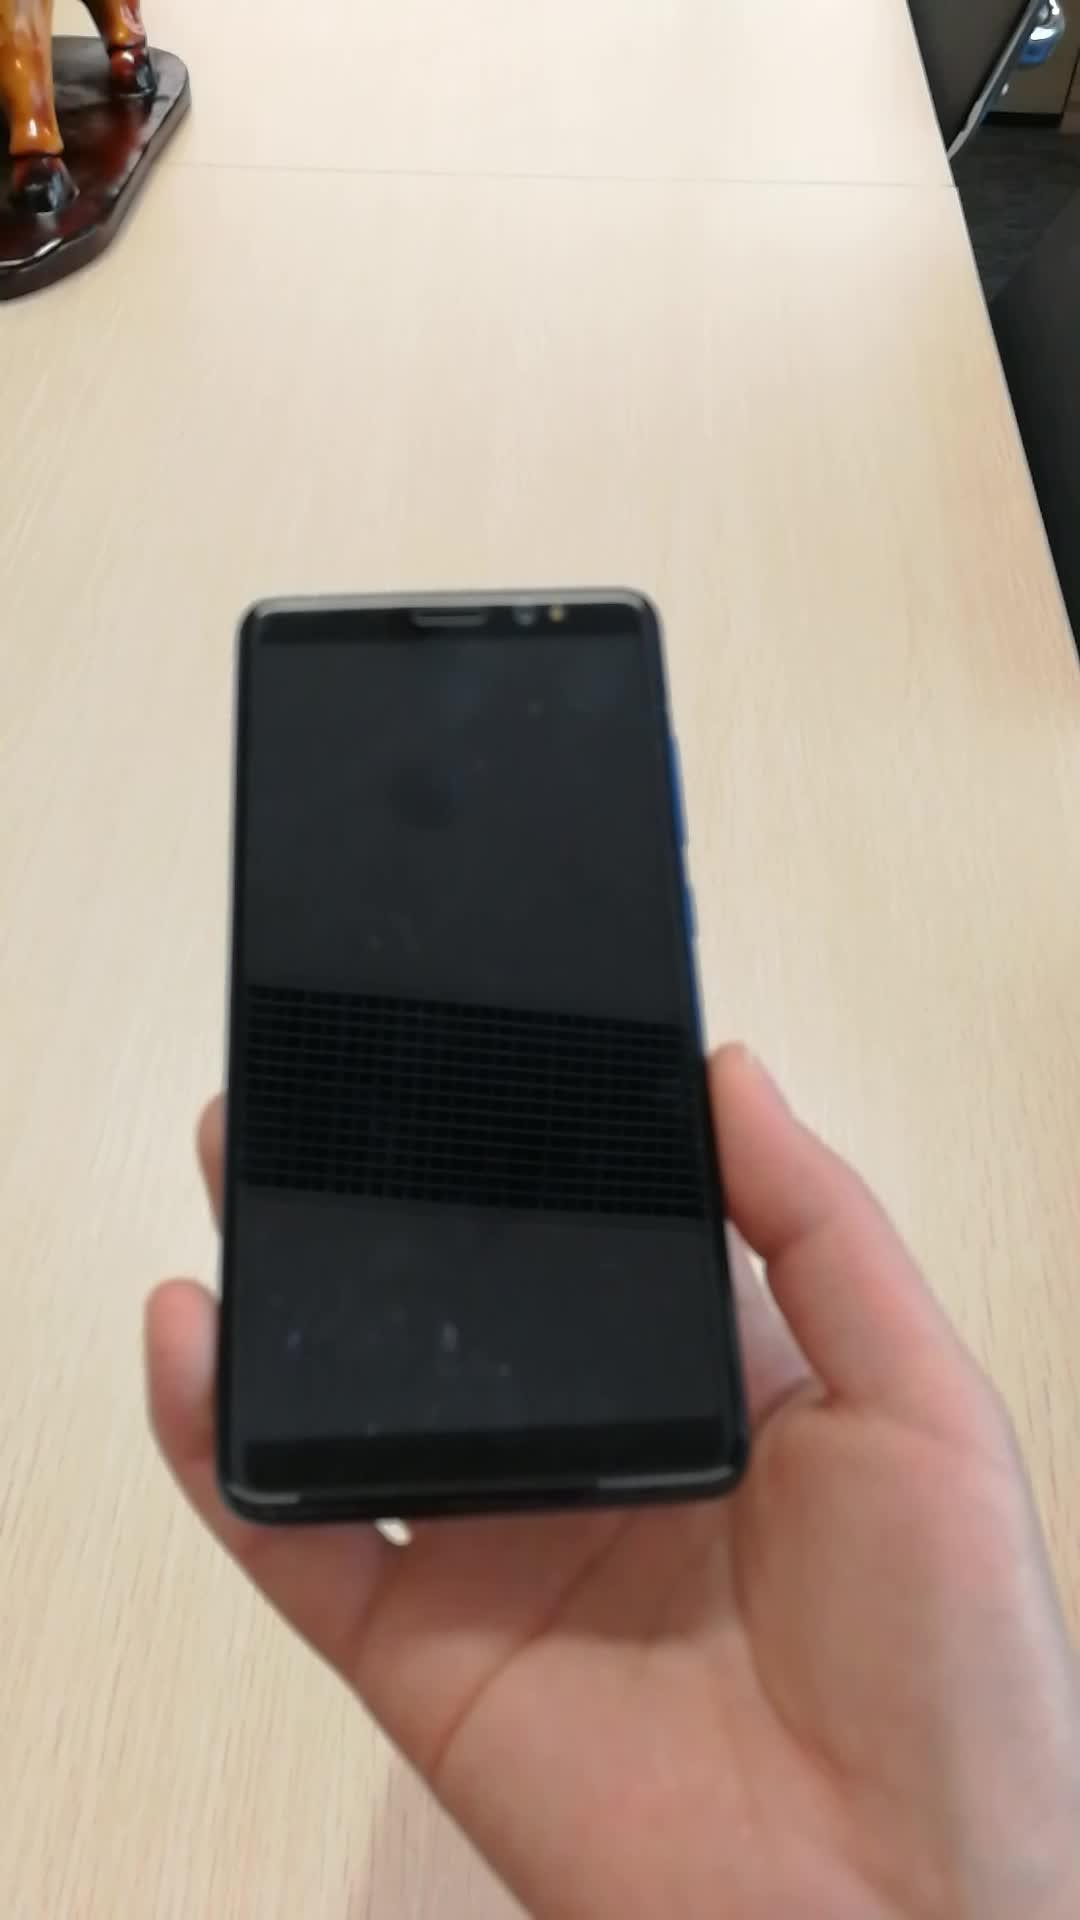 Personalizzato il proprio marchio del telefono 4g android del telefono mobile quad core supporto bluetooth/GPRS